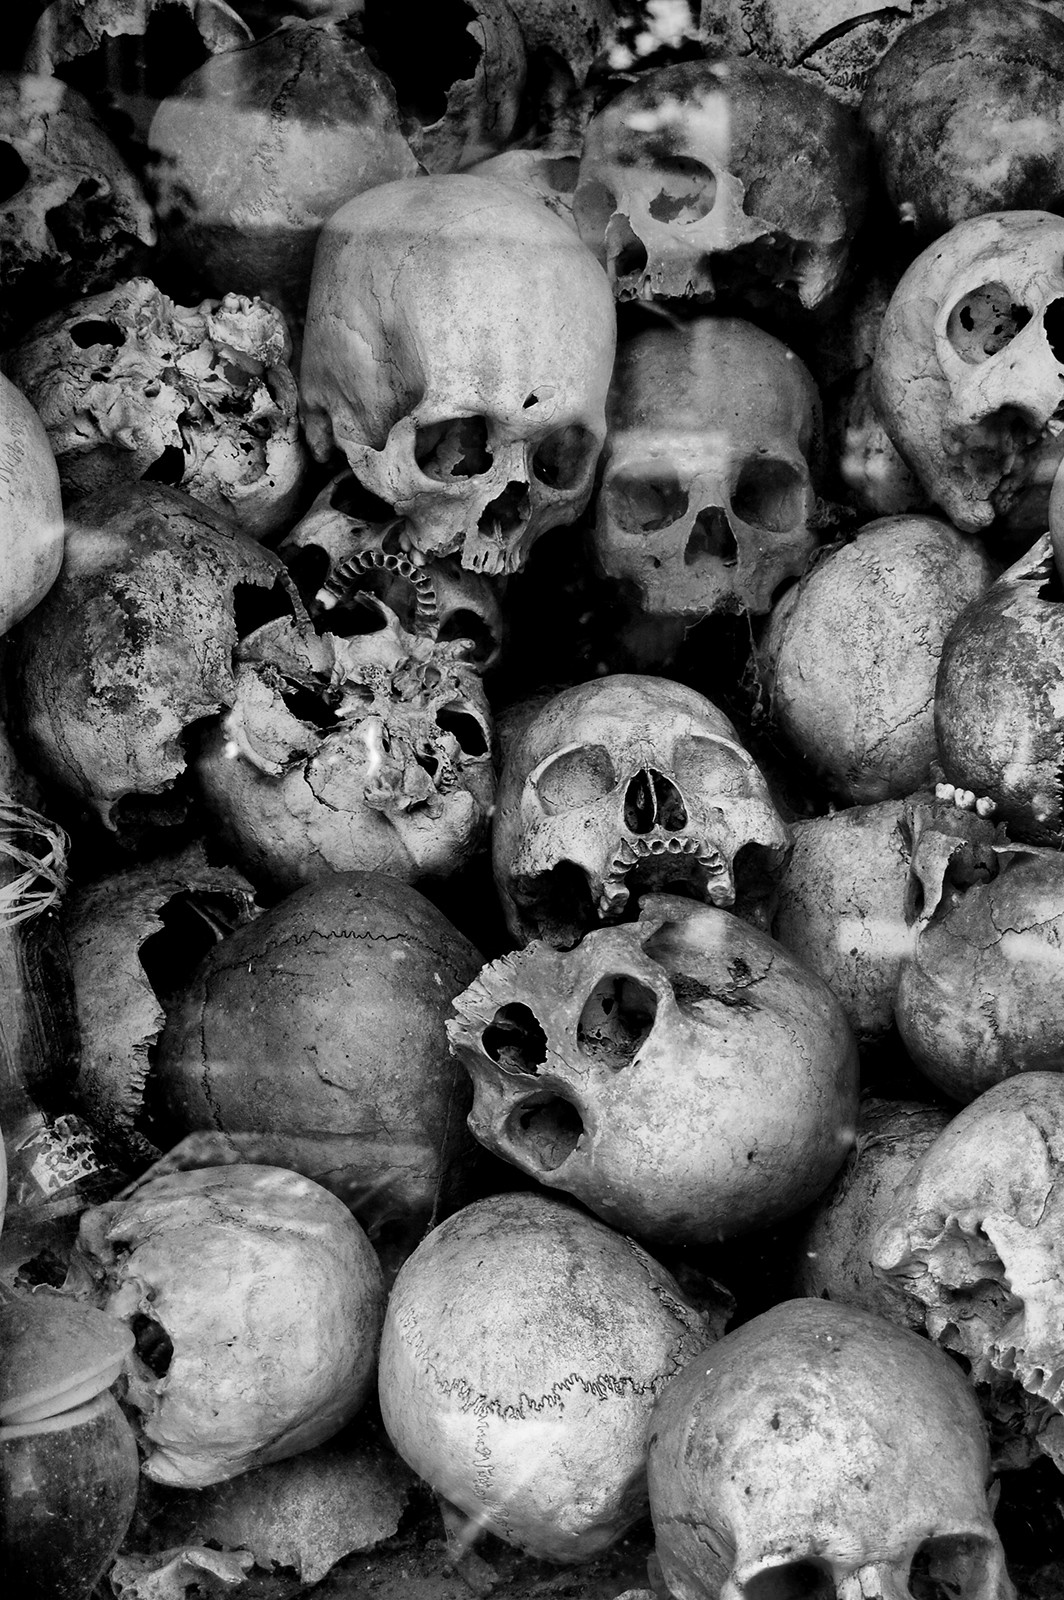 MONO - Killing Fields by Paul McCanny  (10 marks)